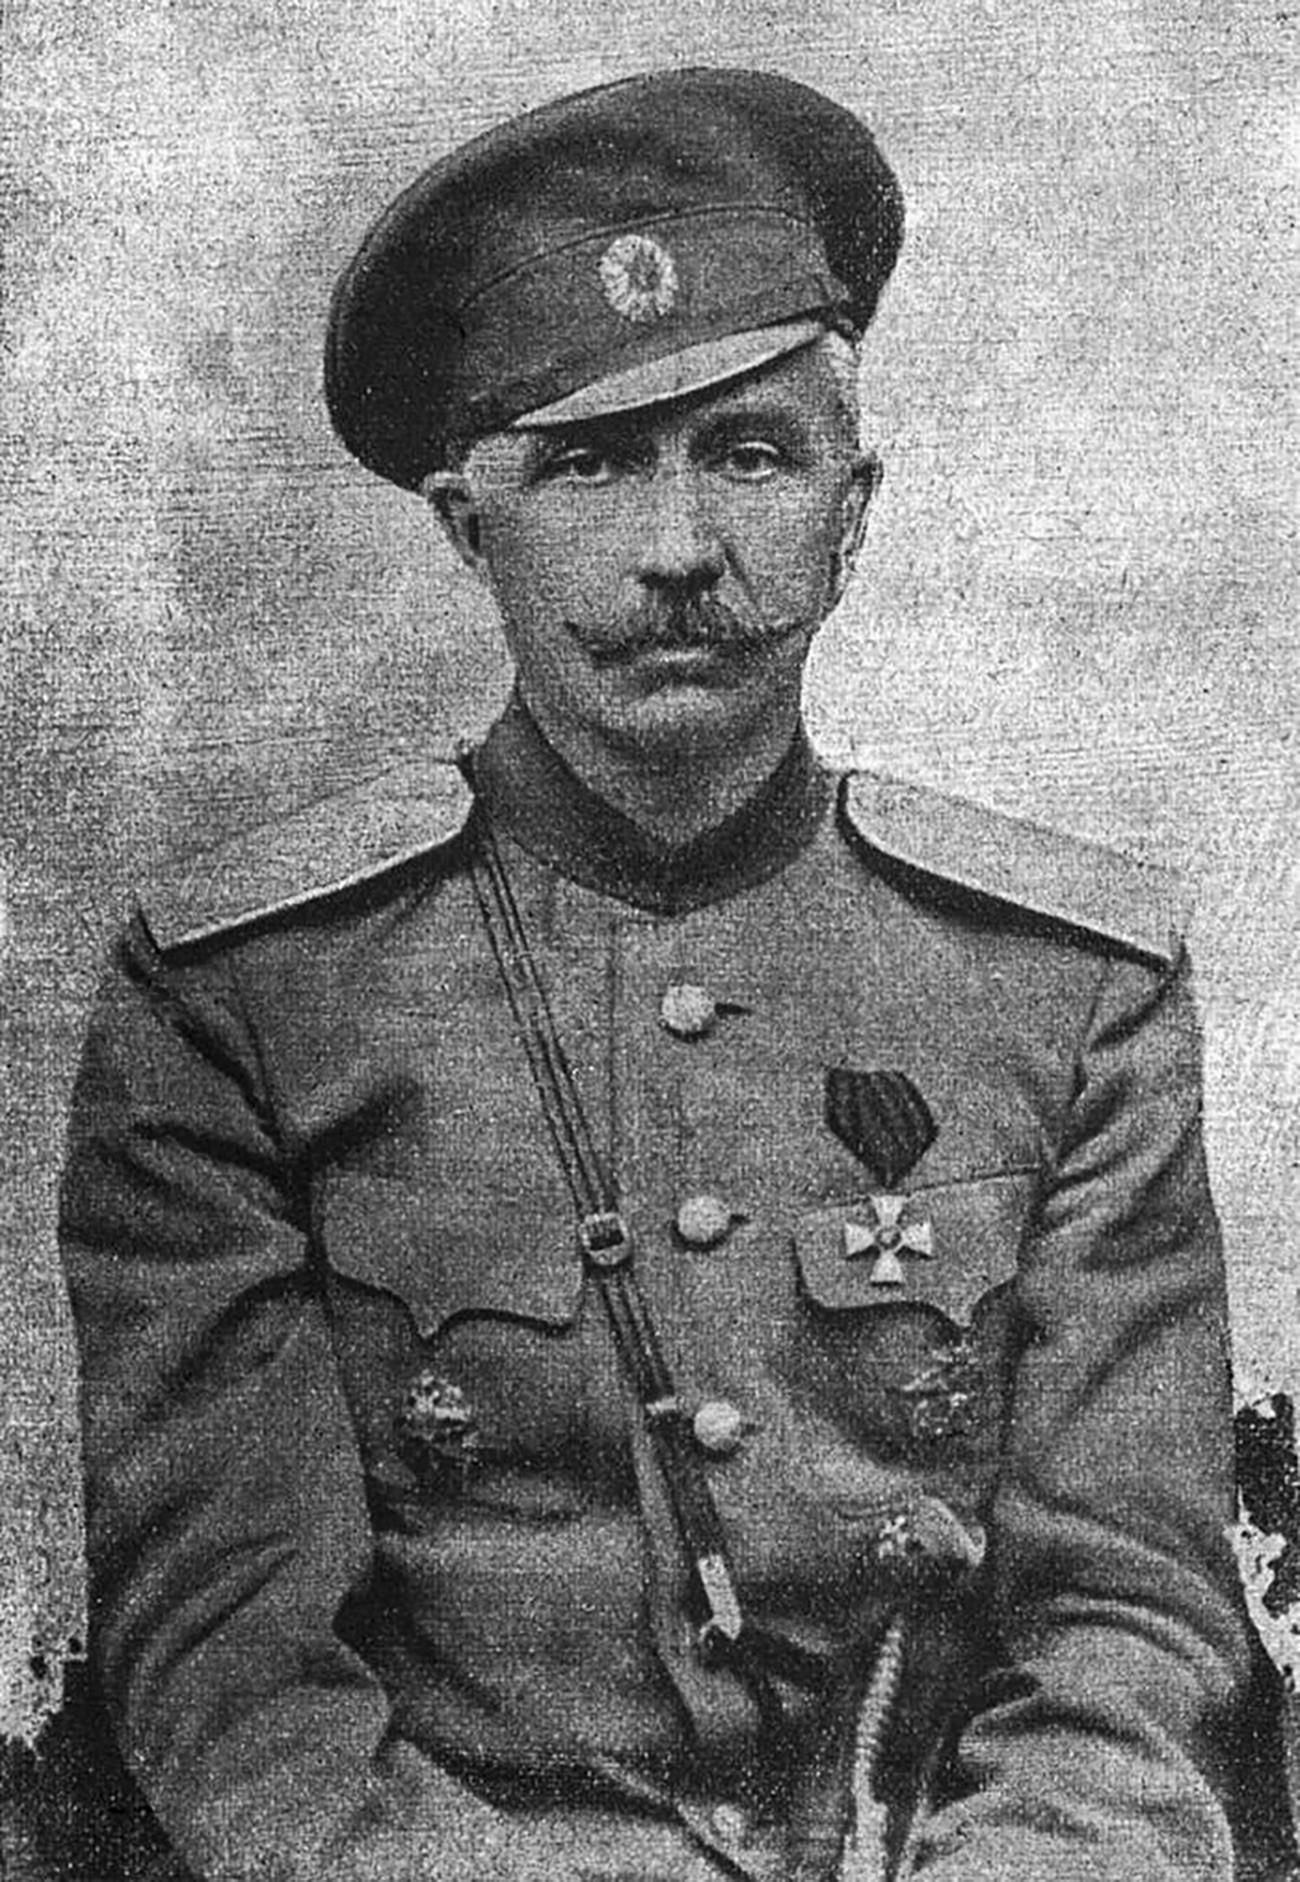 Pjotr Krasnov, generalmajor ruske carske vojske, ataman donskih kozakov, politik in publicist